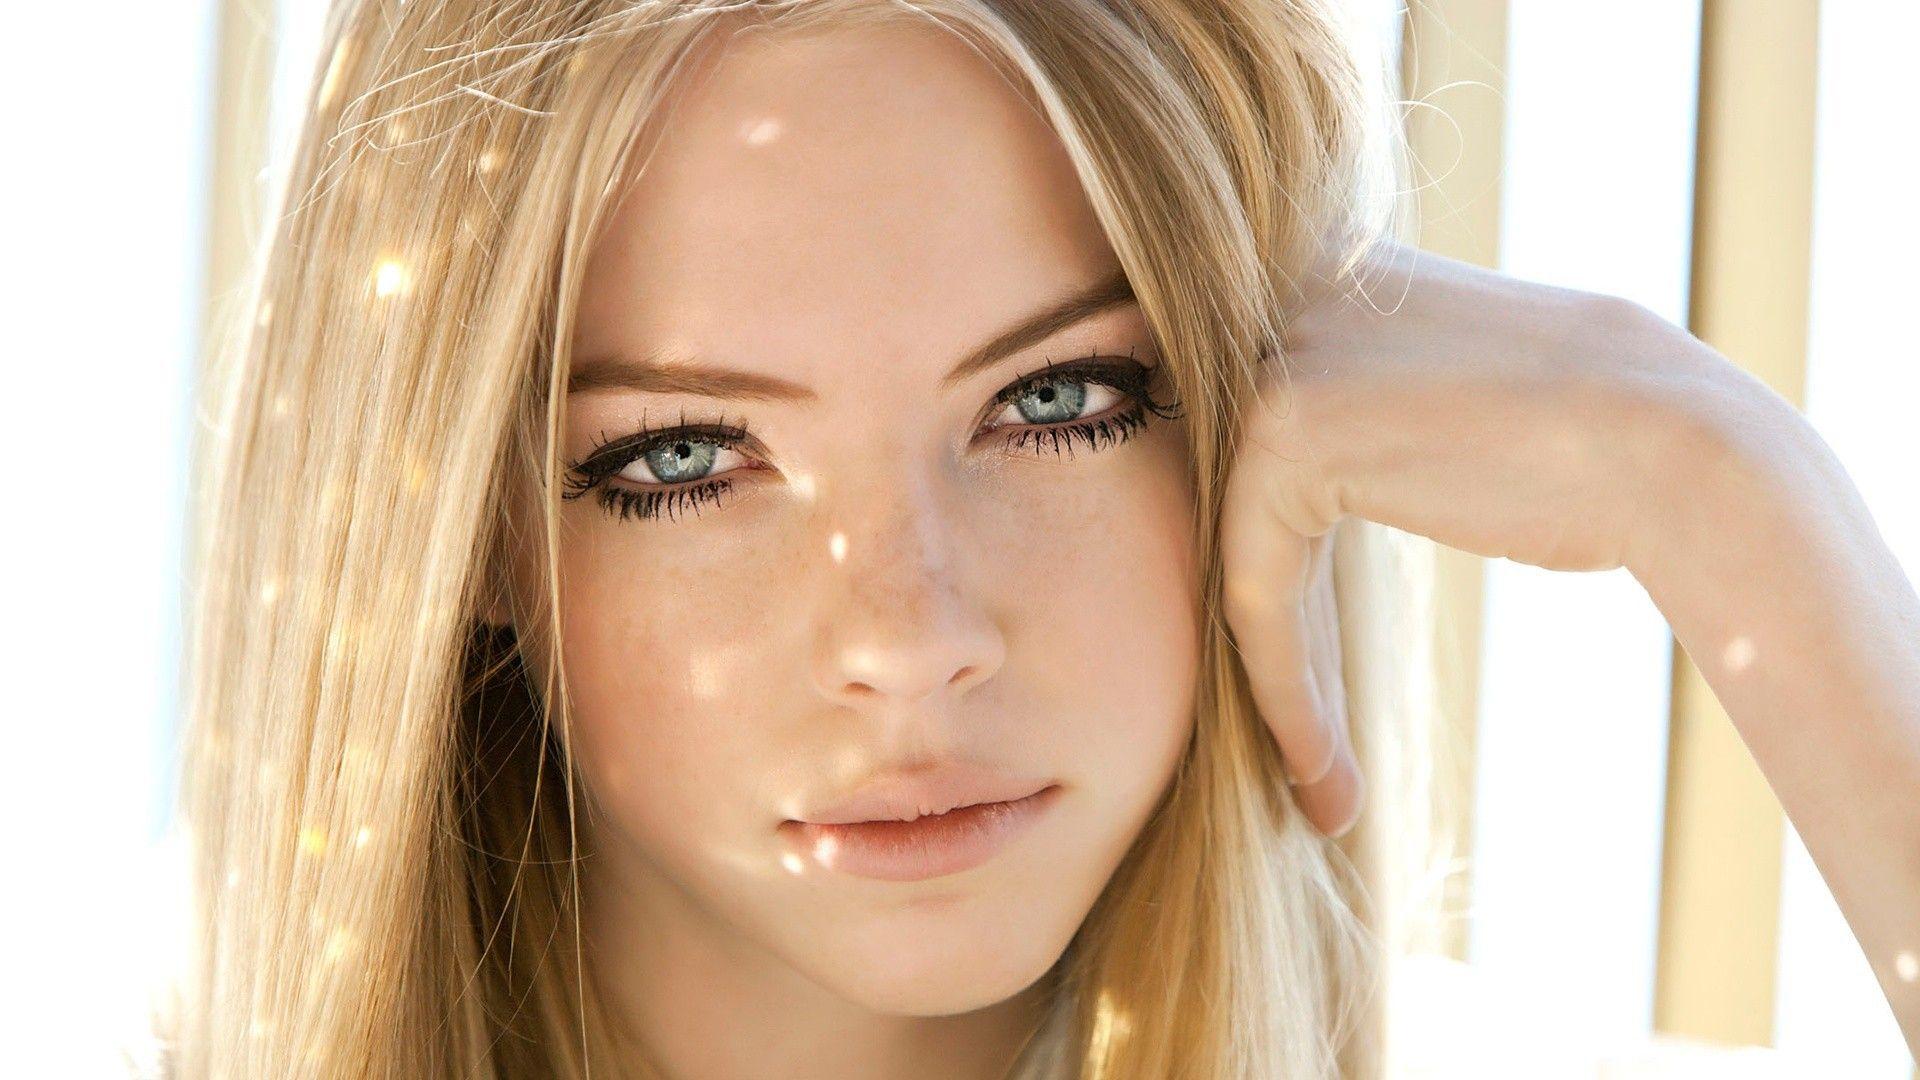 Фотографии красивой девушки блондинки много чтобы было одно лицо 9 фотография